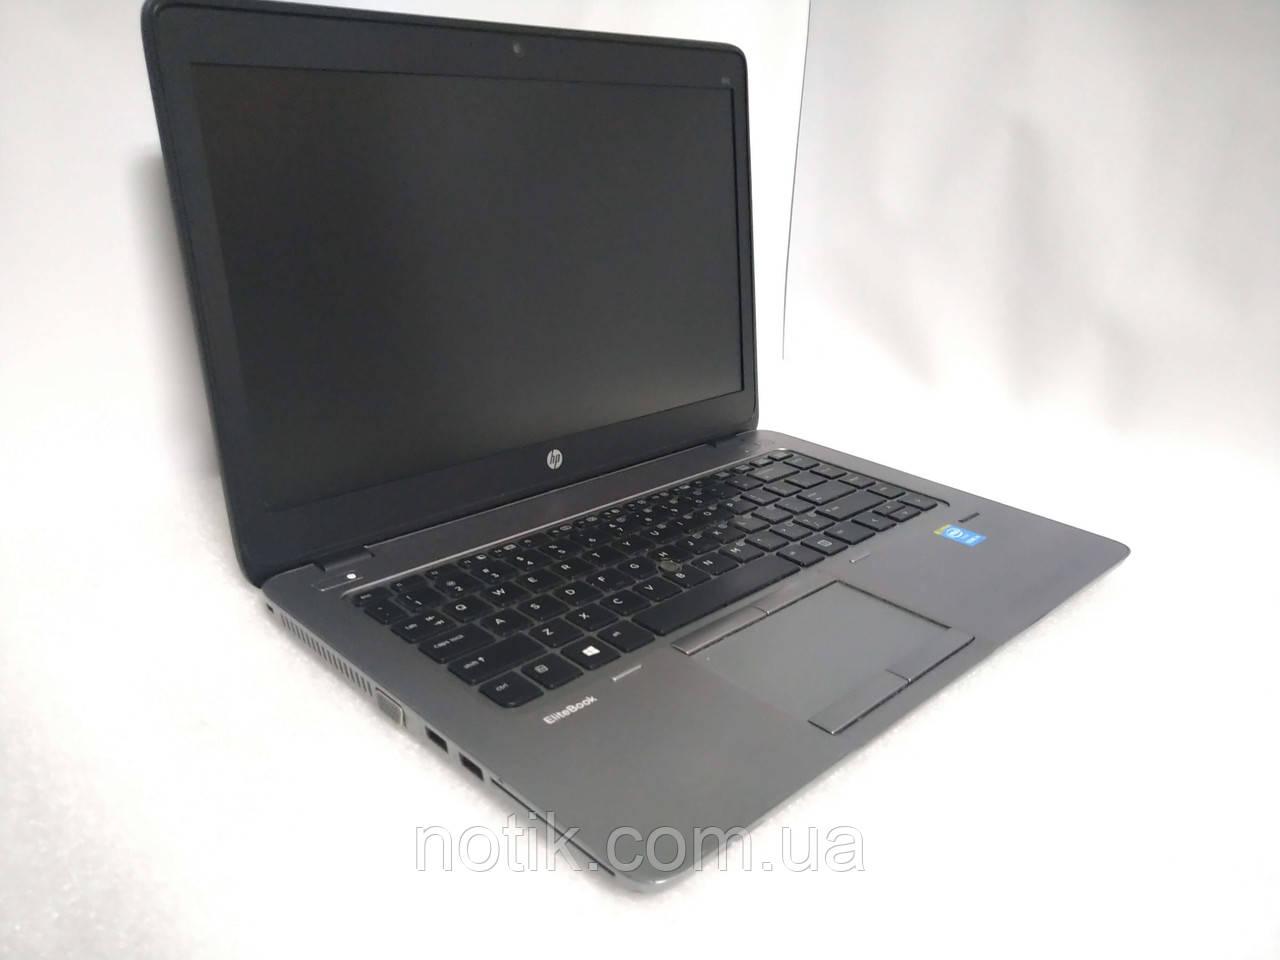 """Ультрабук HP 840 G2 i5-5200U/8Gb/SSD 256Gb/ 14"""""""